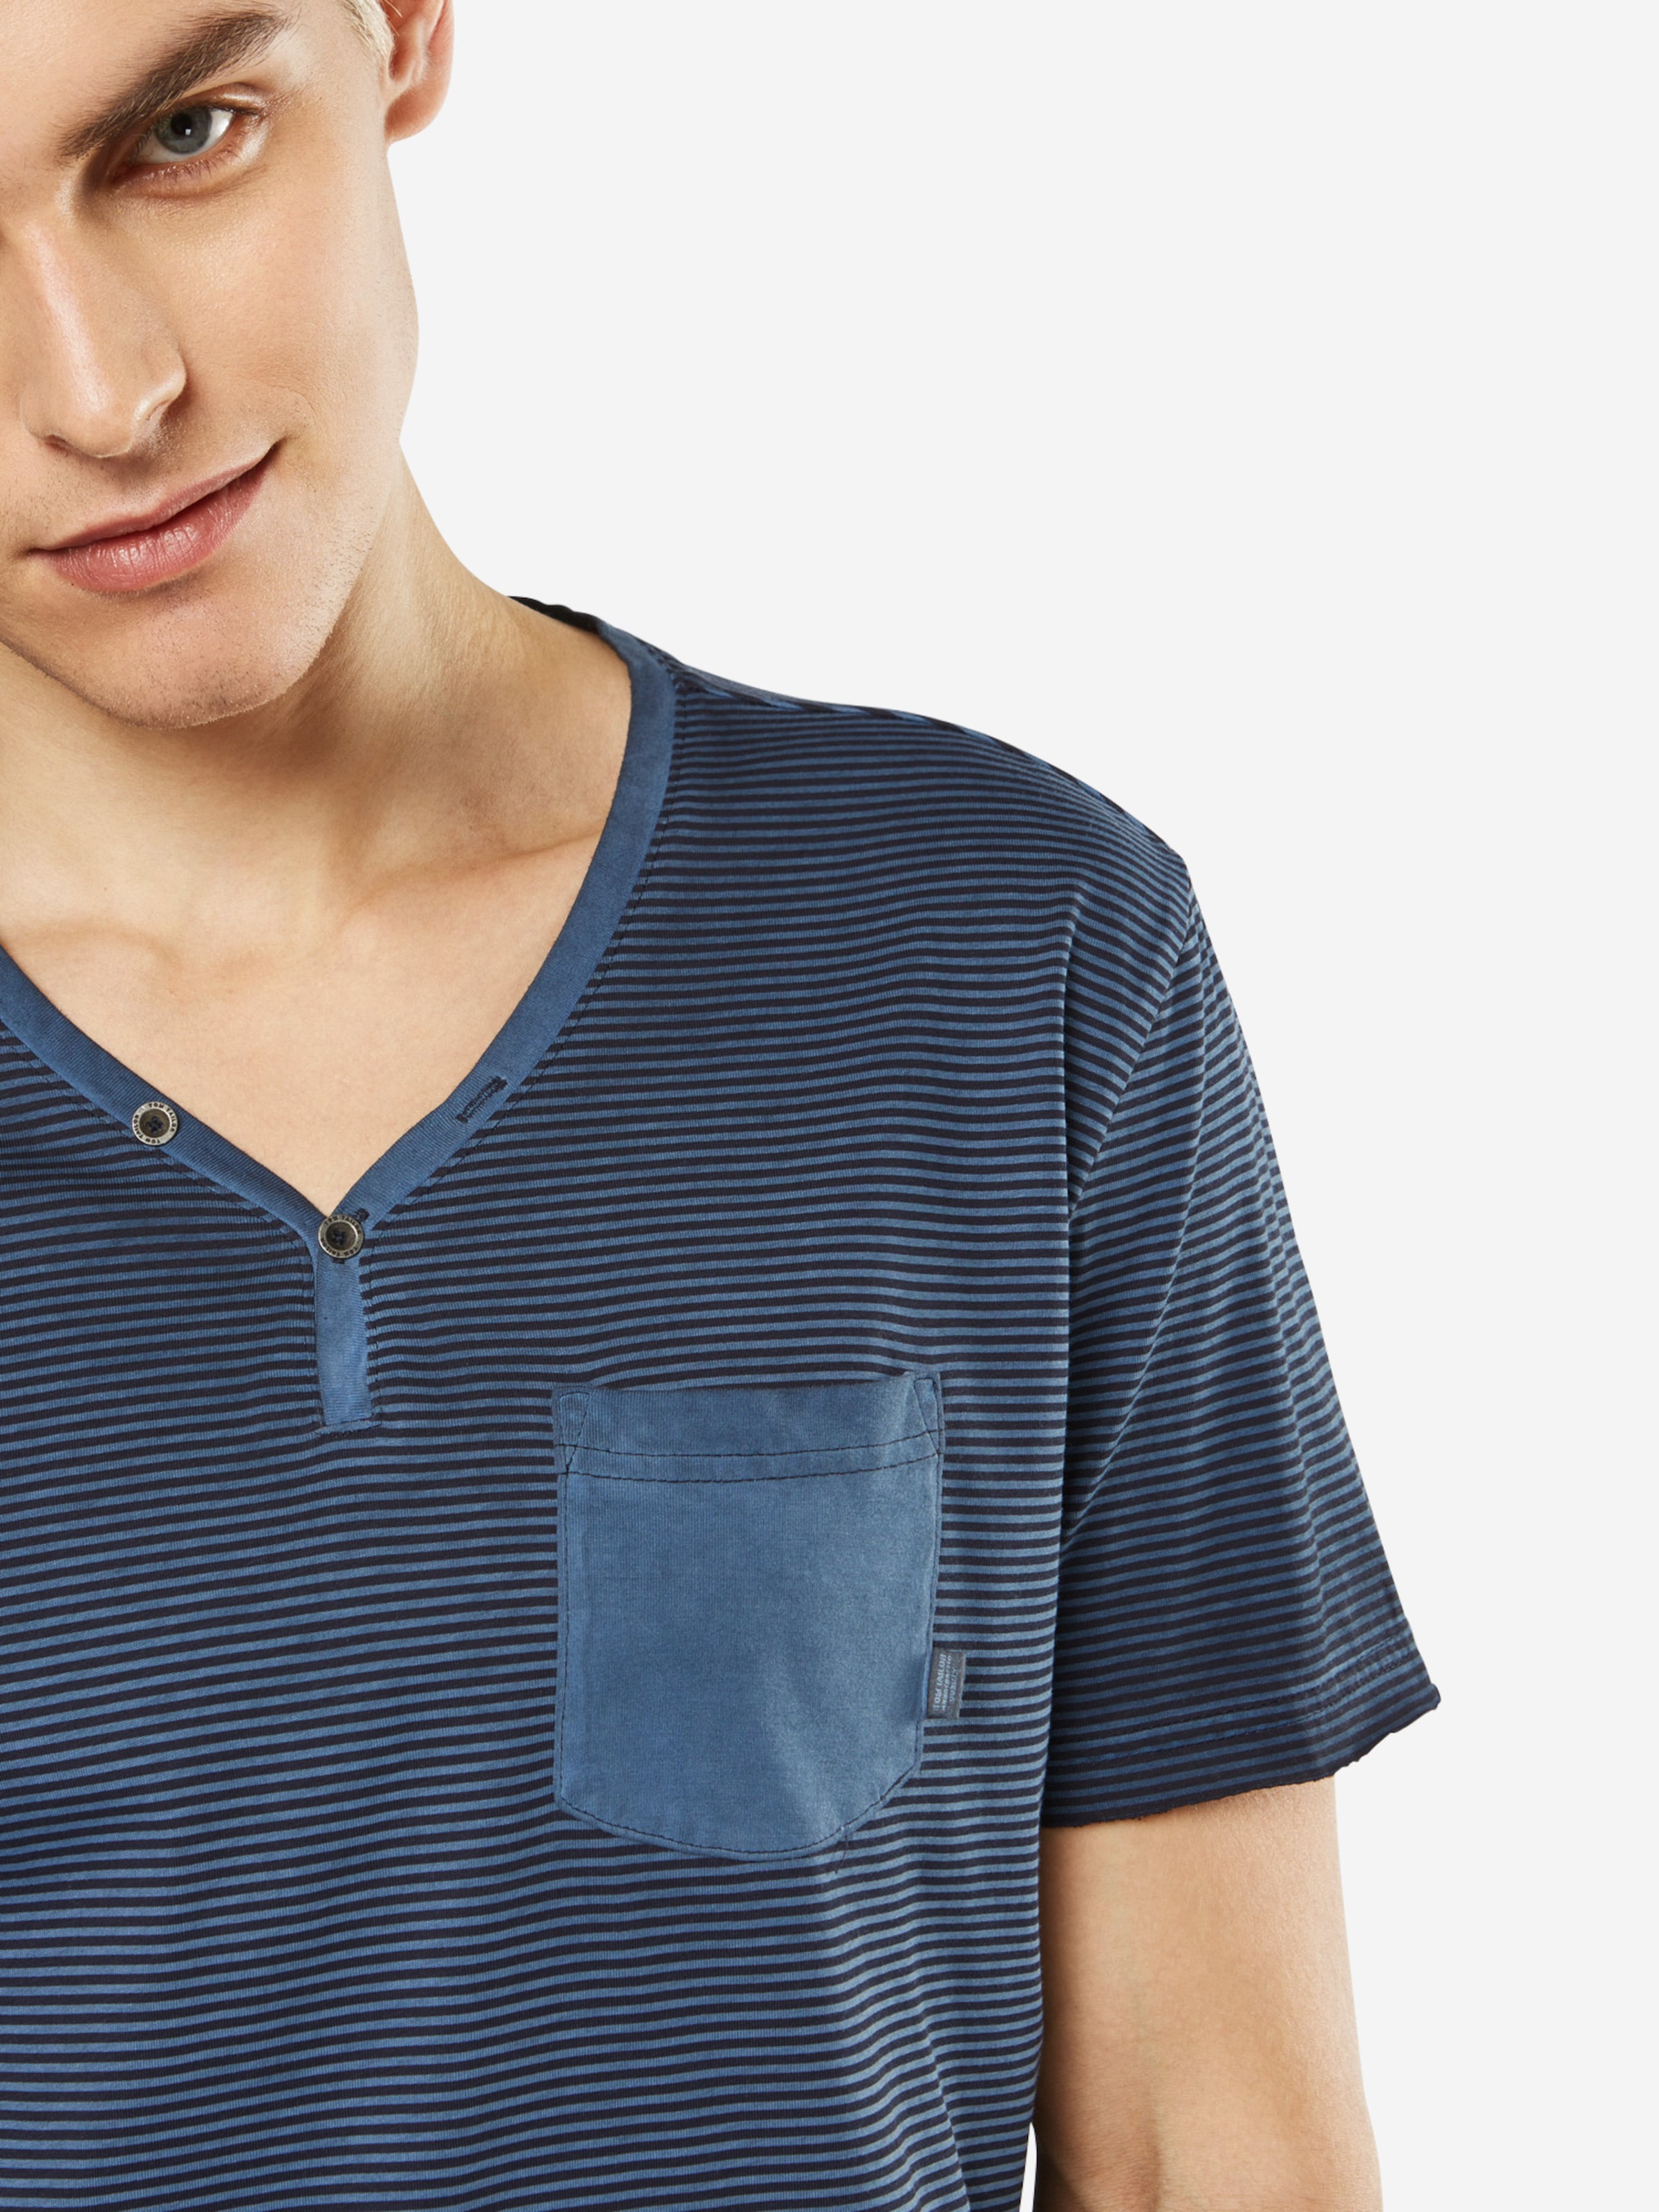 Billig Verkauf Neueste Billig Verkauf Versorgung TOM TAILOR T-Shirt 'Striped serafino with w' Eastbay Günstig Online Footlocker Bilder Zum Verkauf 3HRakbfR